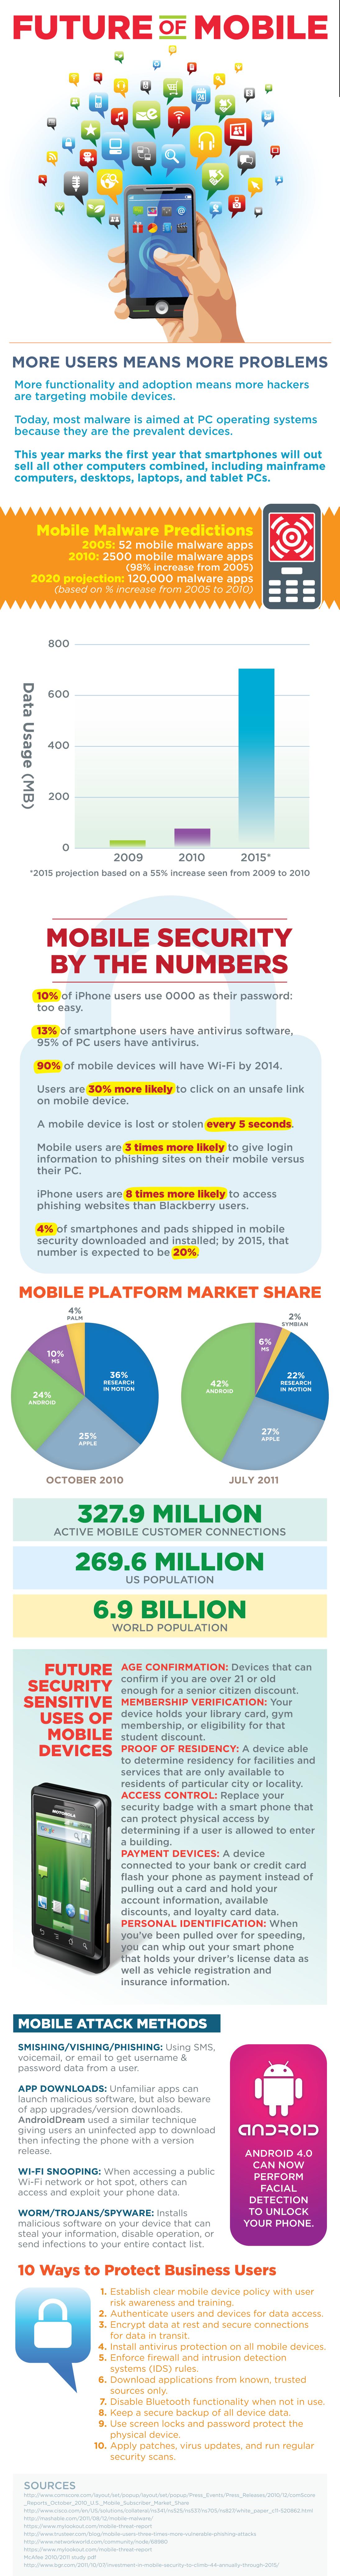 Mobile Compute